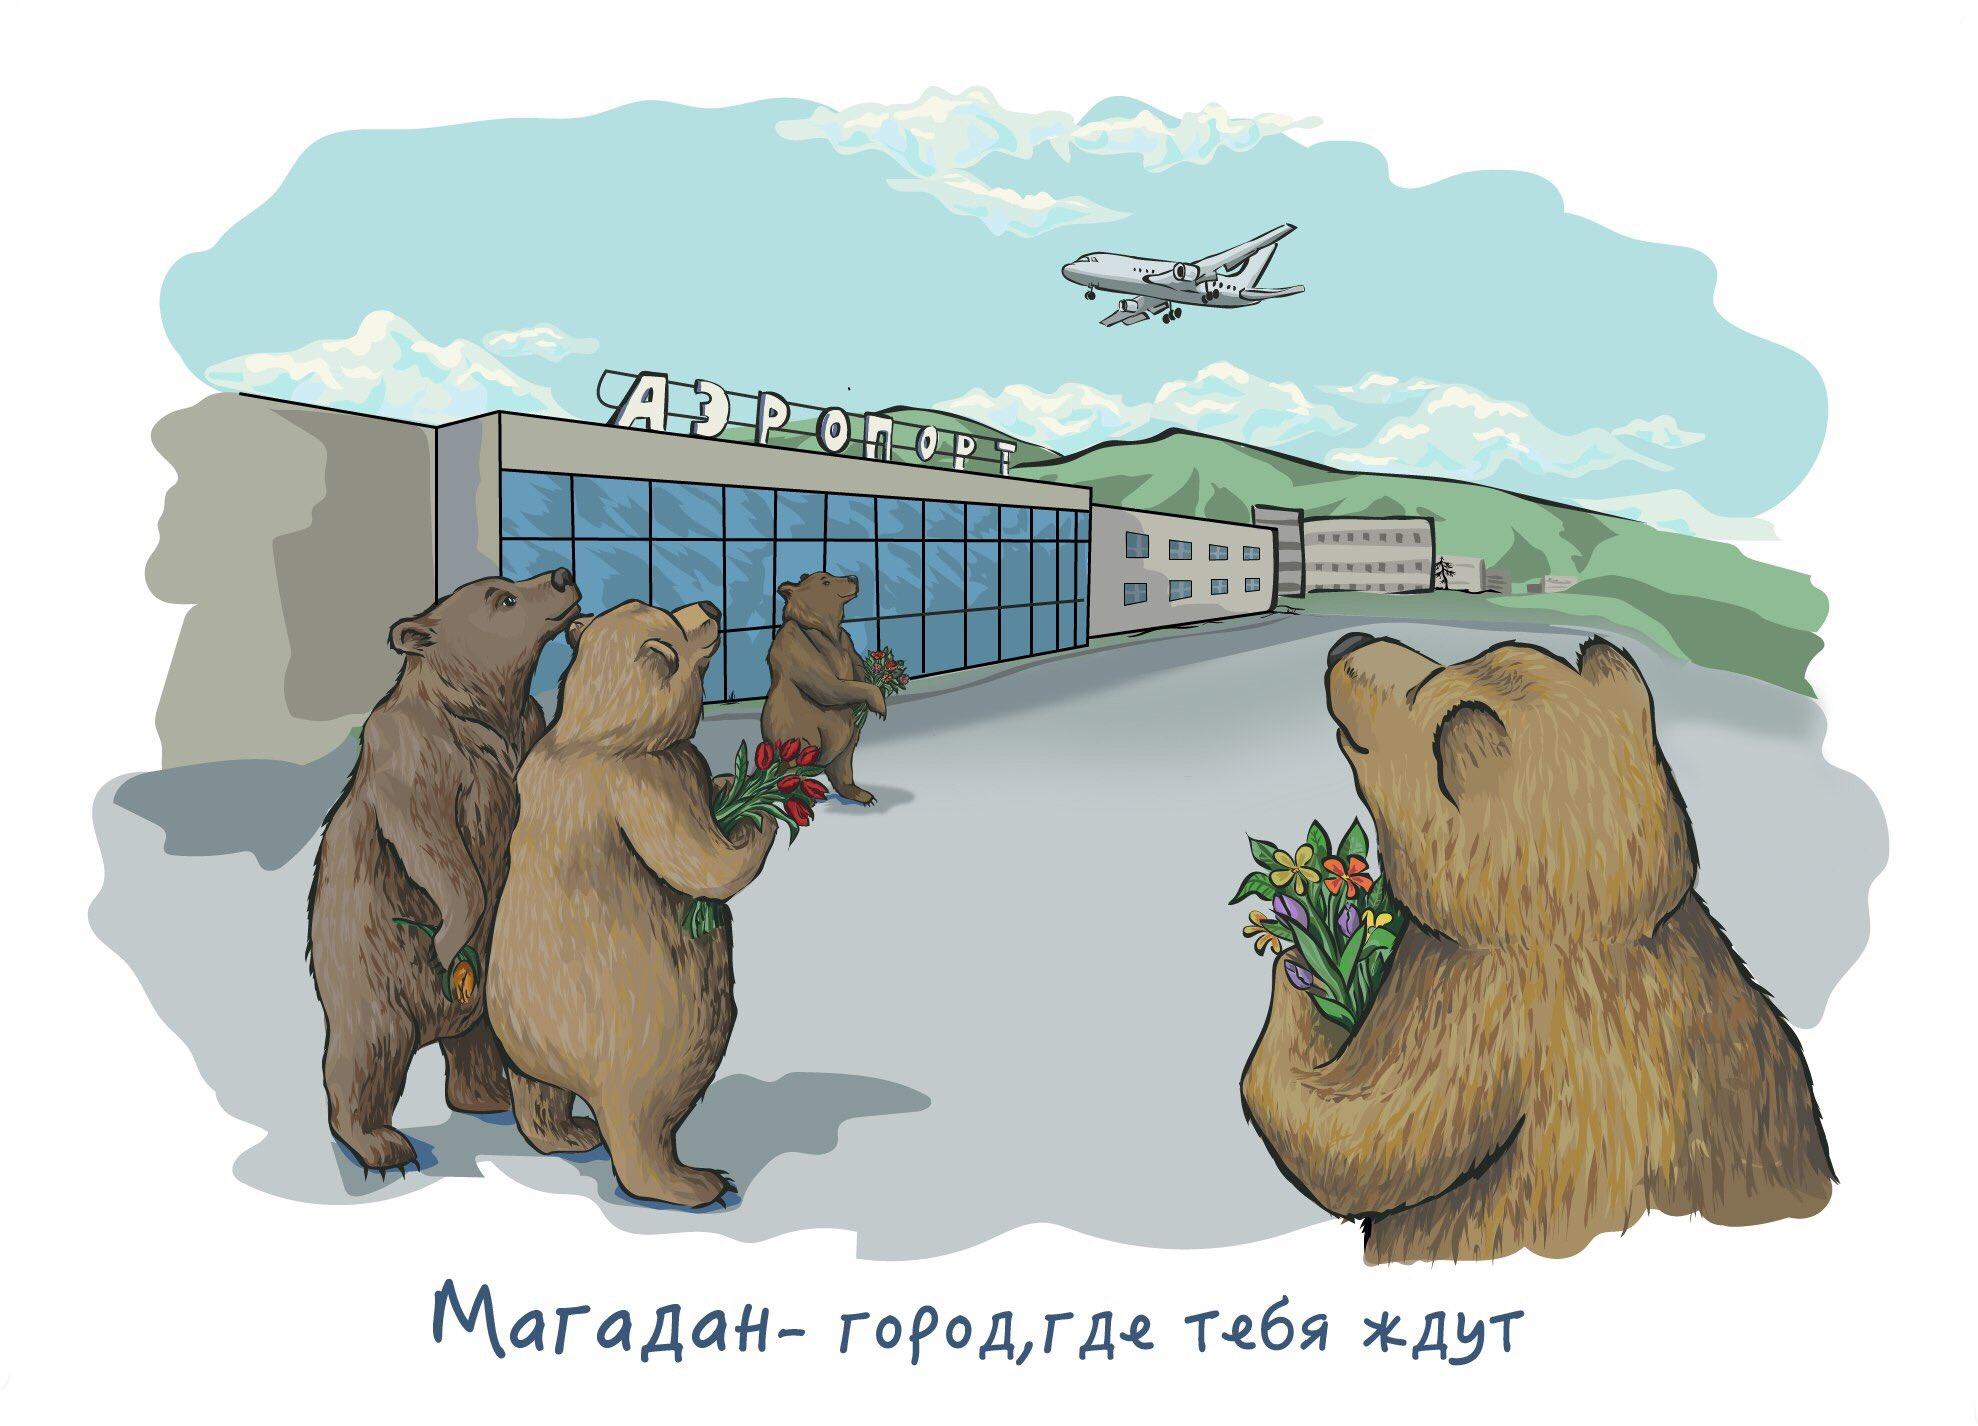 Приколы про медведей в картинках